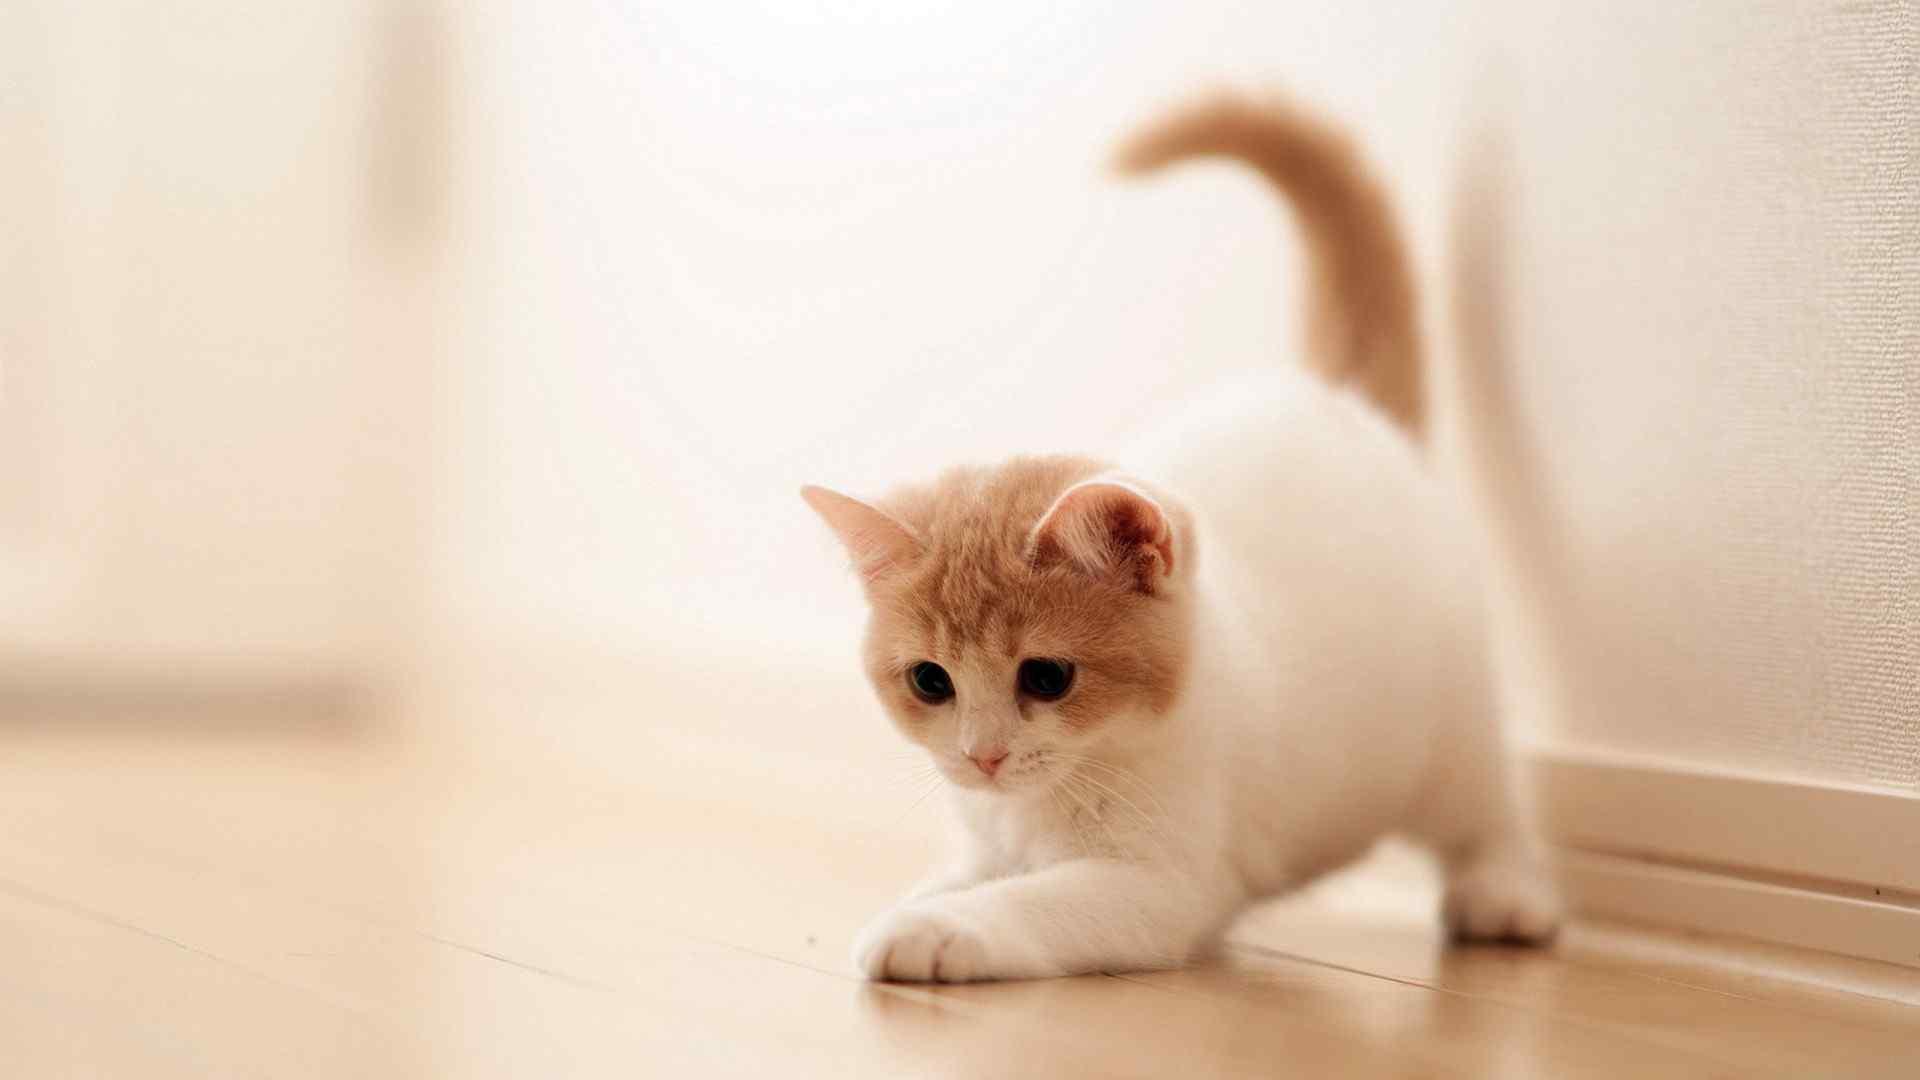 可爱猫咪高清壁纸图片大全